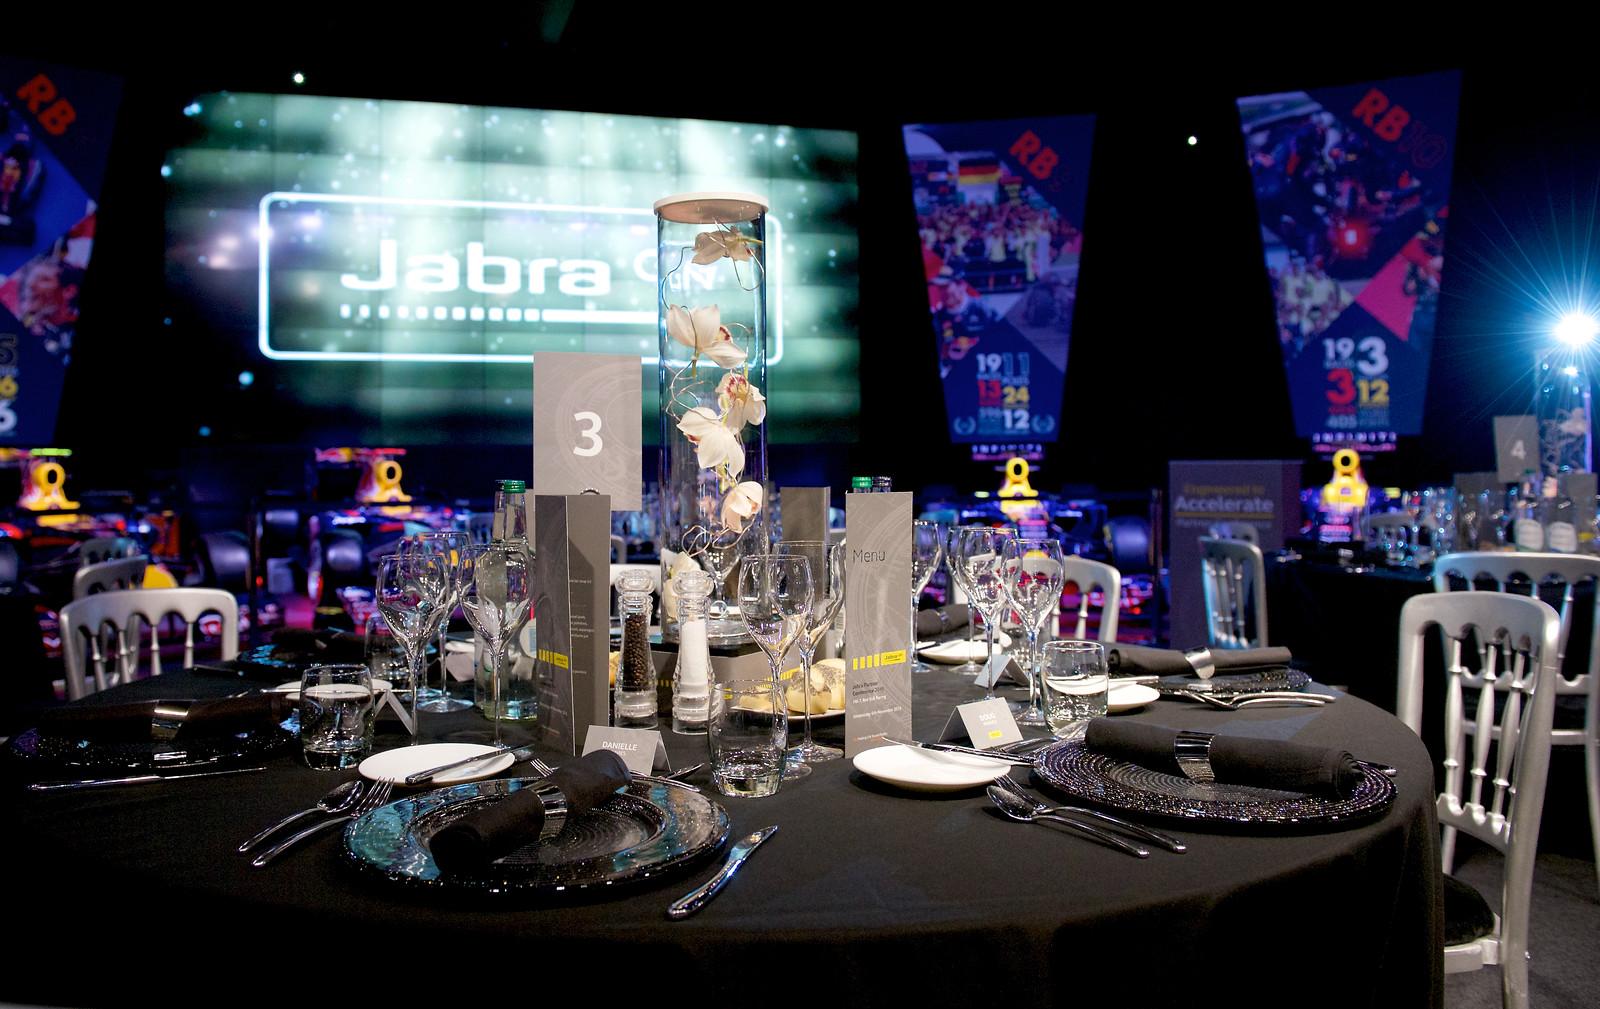 i z5fgmtj X3 - UK&I Channel Partner Conference & Awards Dinner